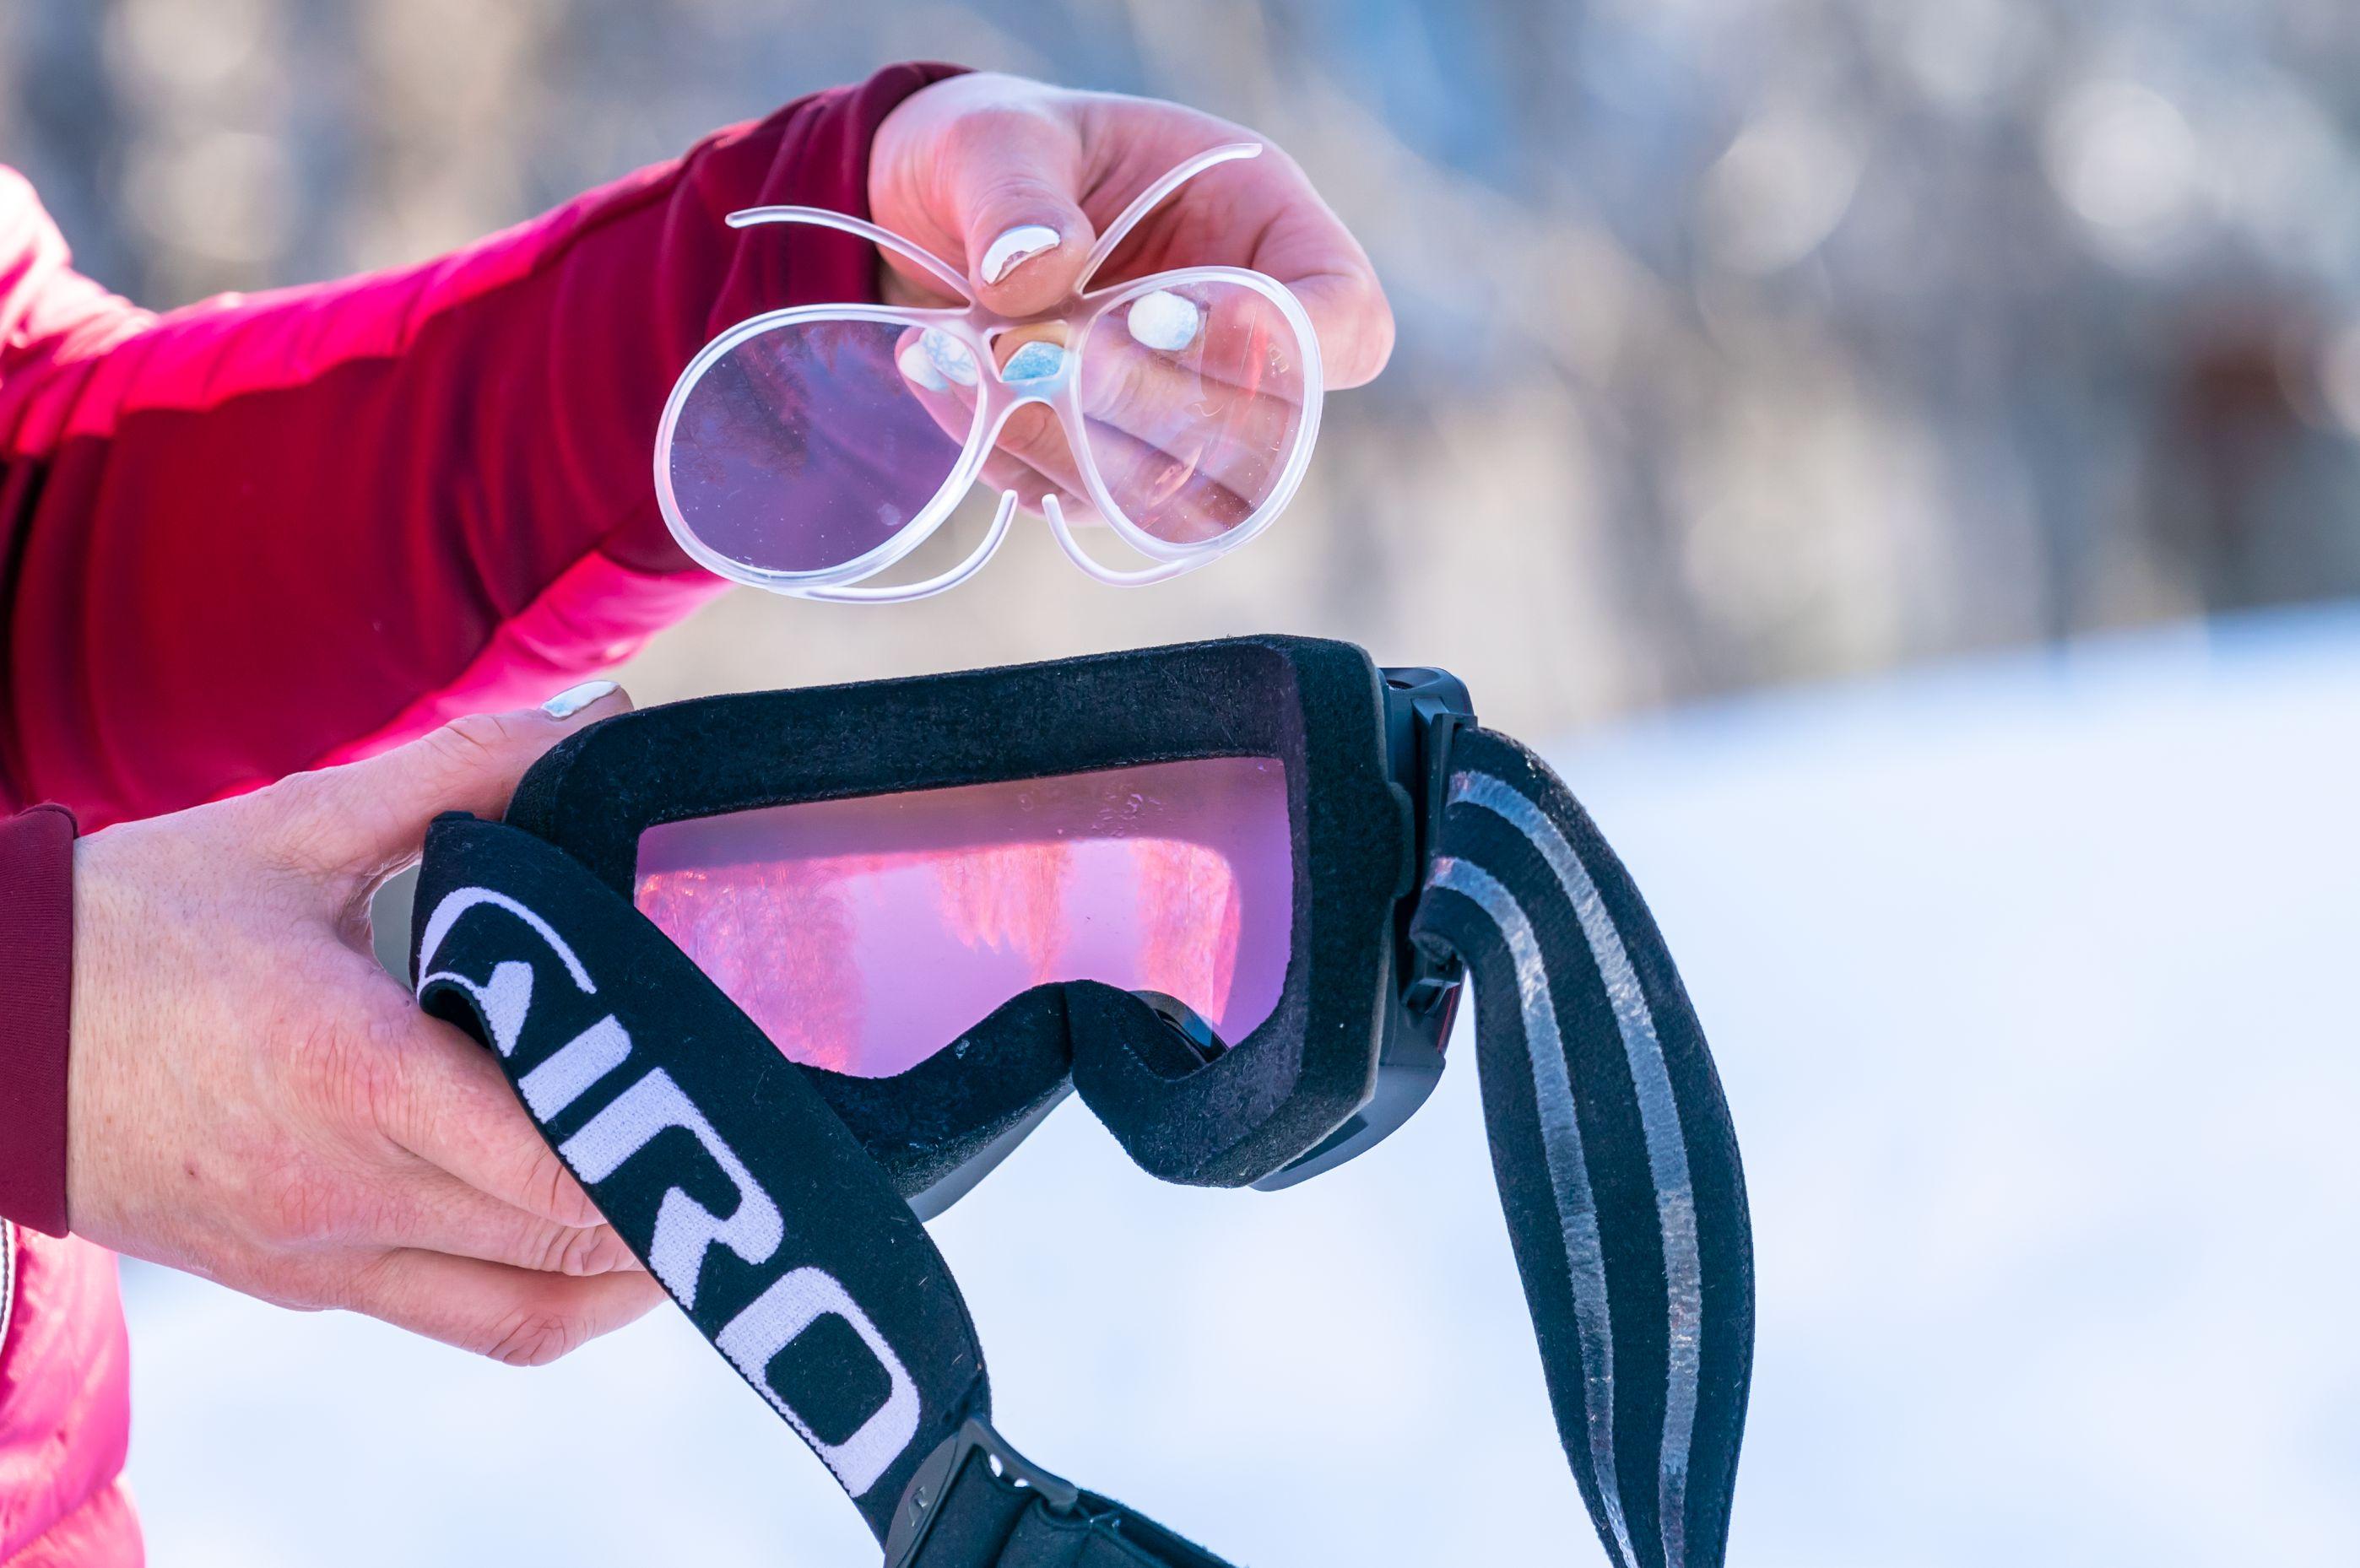 Getest: skibrillen voor brildragers